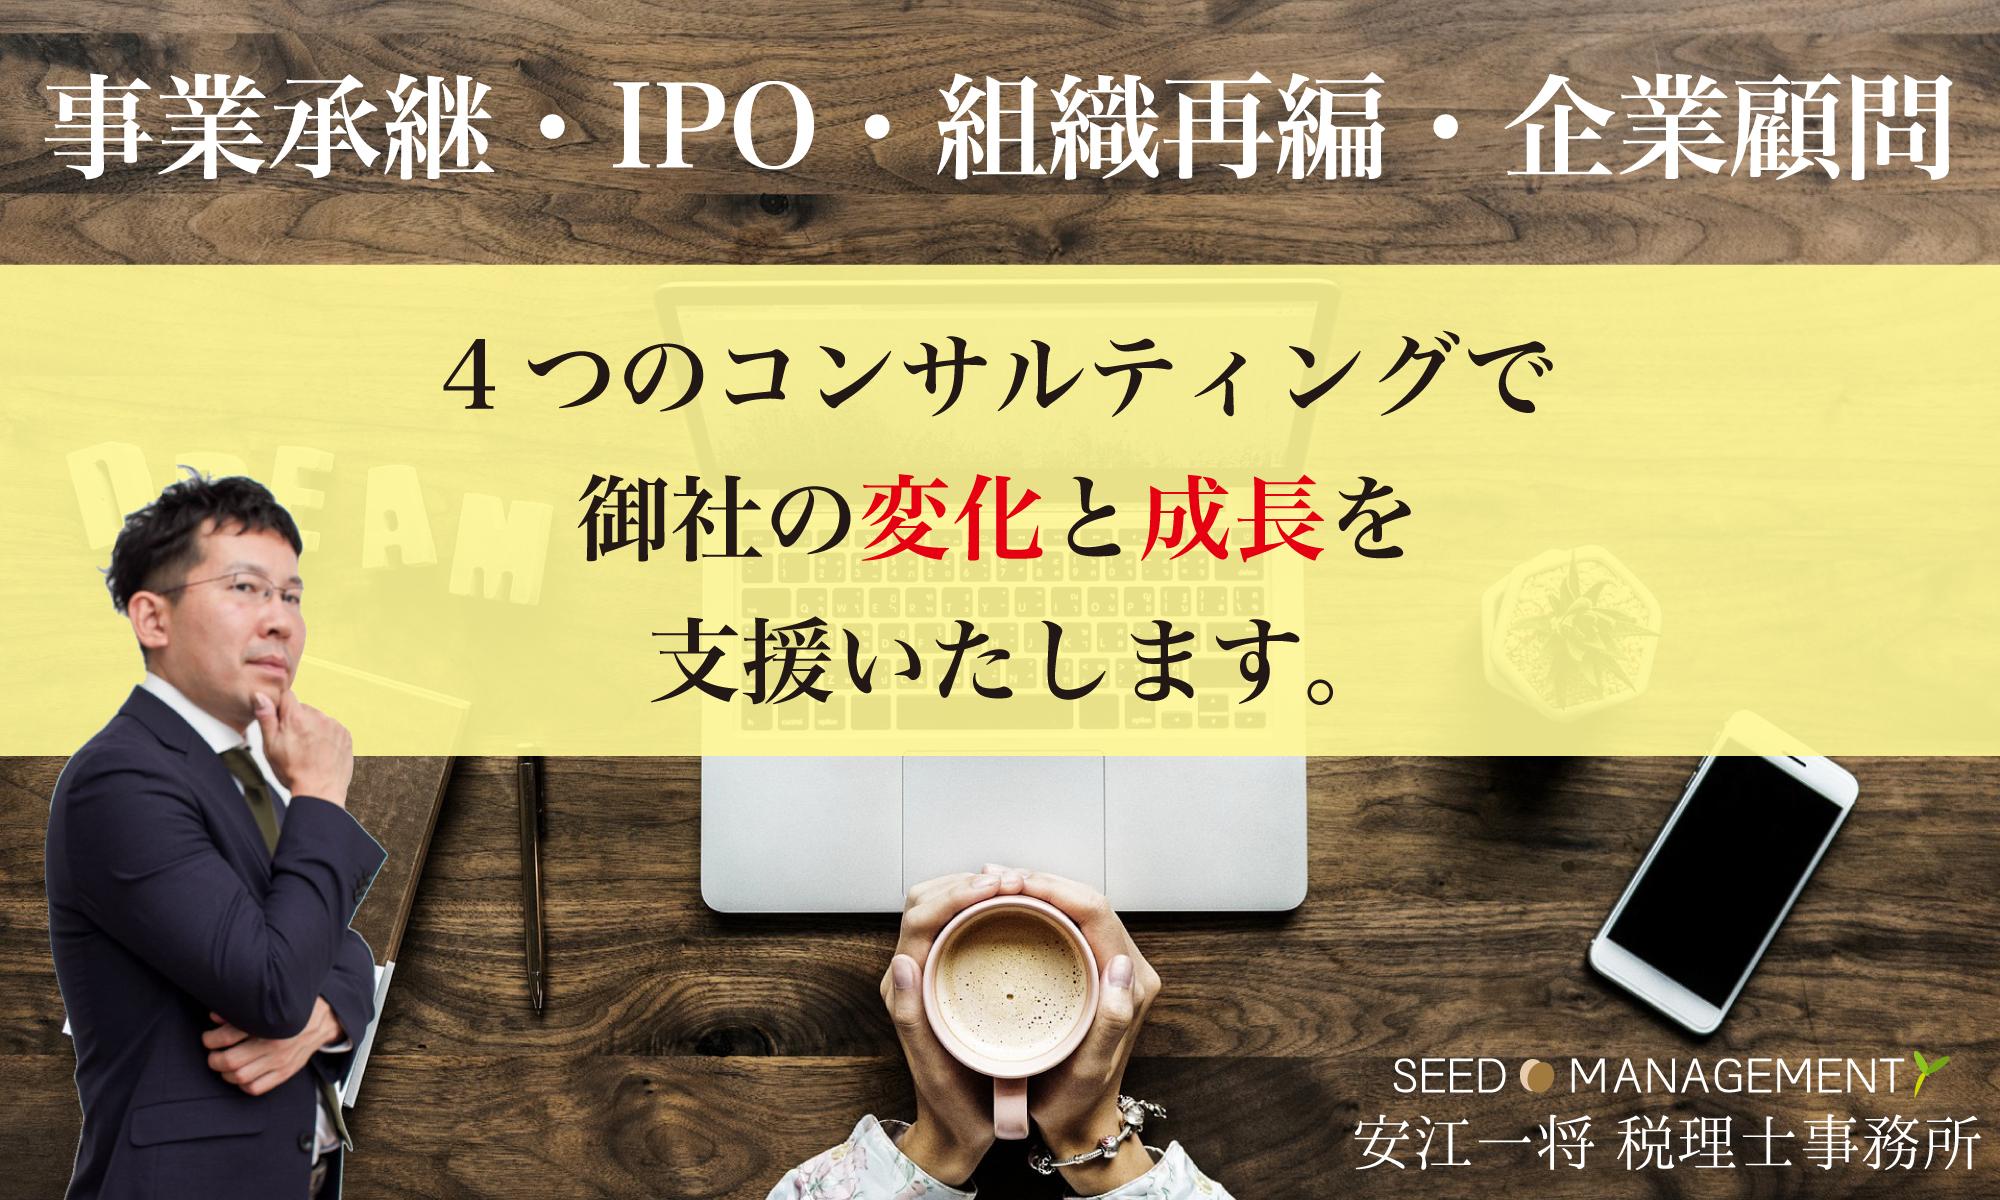 事業承継・IPO支援・組織再編・法人顧問なら|SEED MANAGEMENT 安江一将税理士事務所